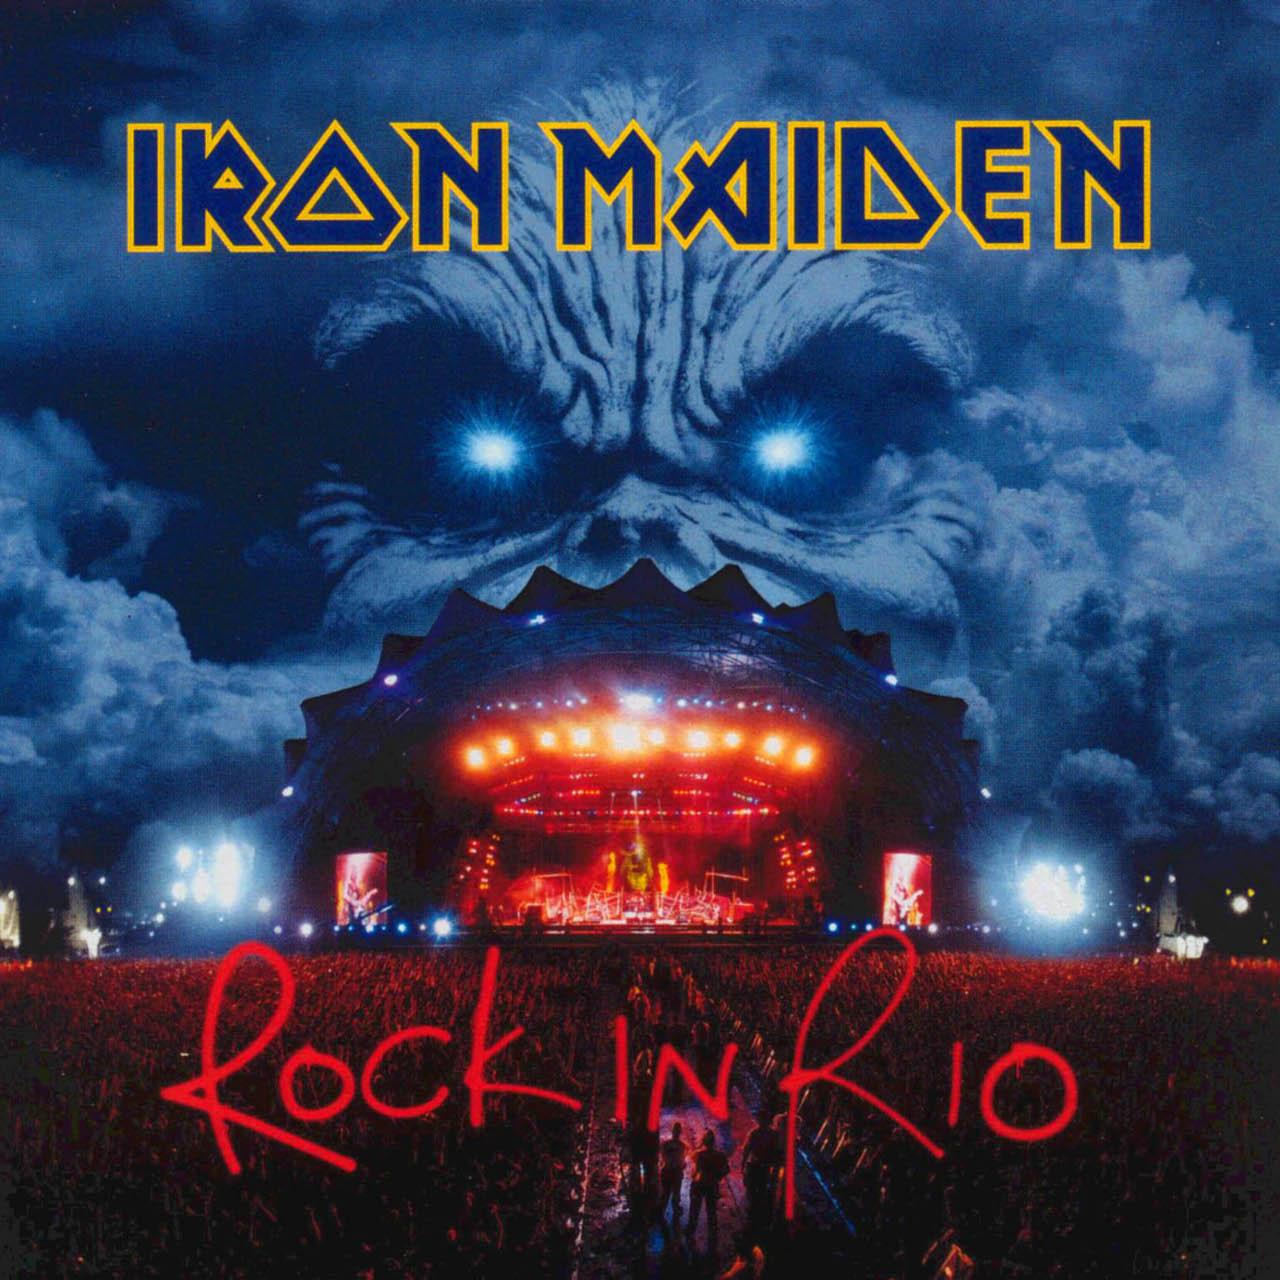 Rock In Rio Iron Maiden Foto 38438875 Fanpop